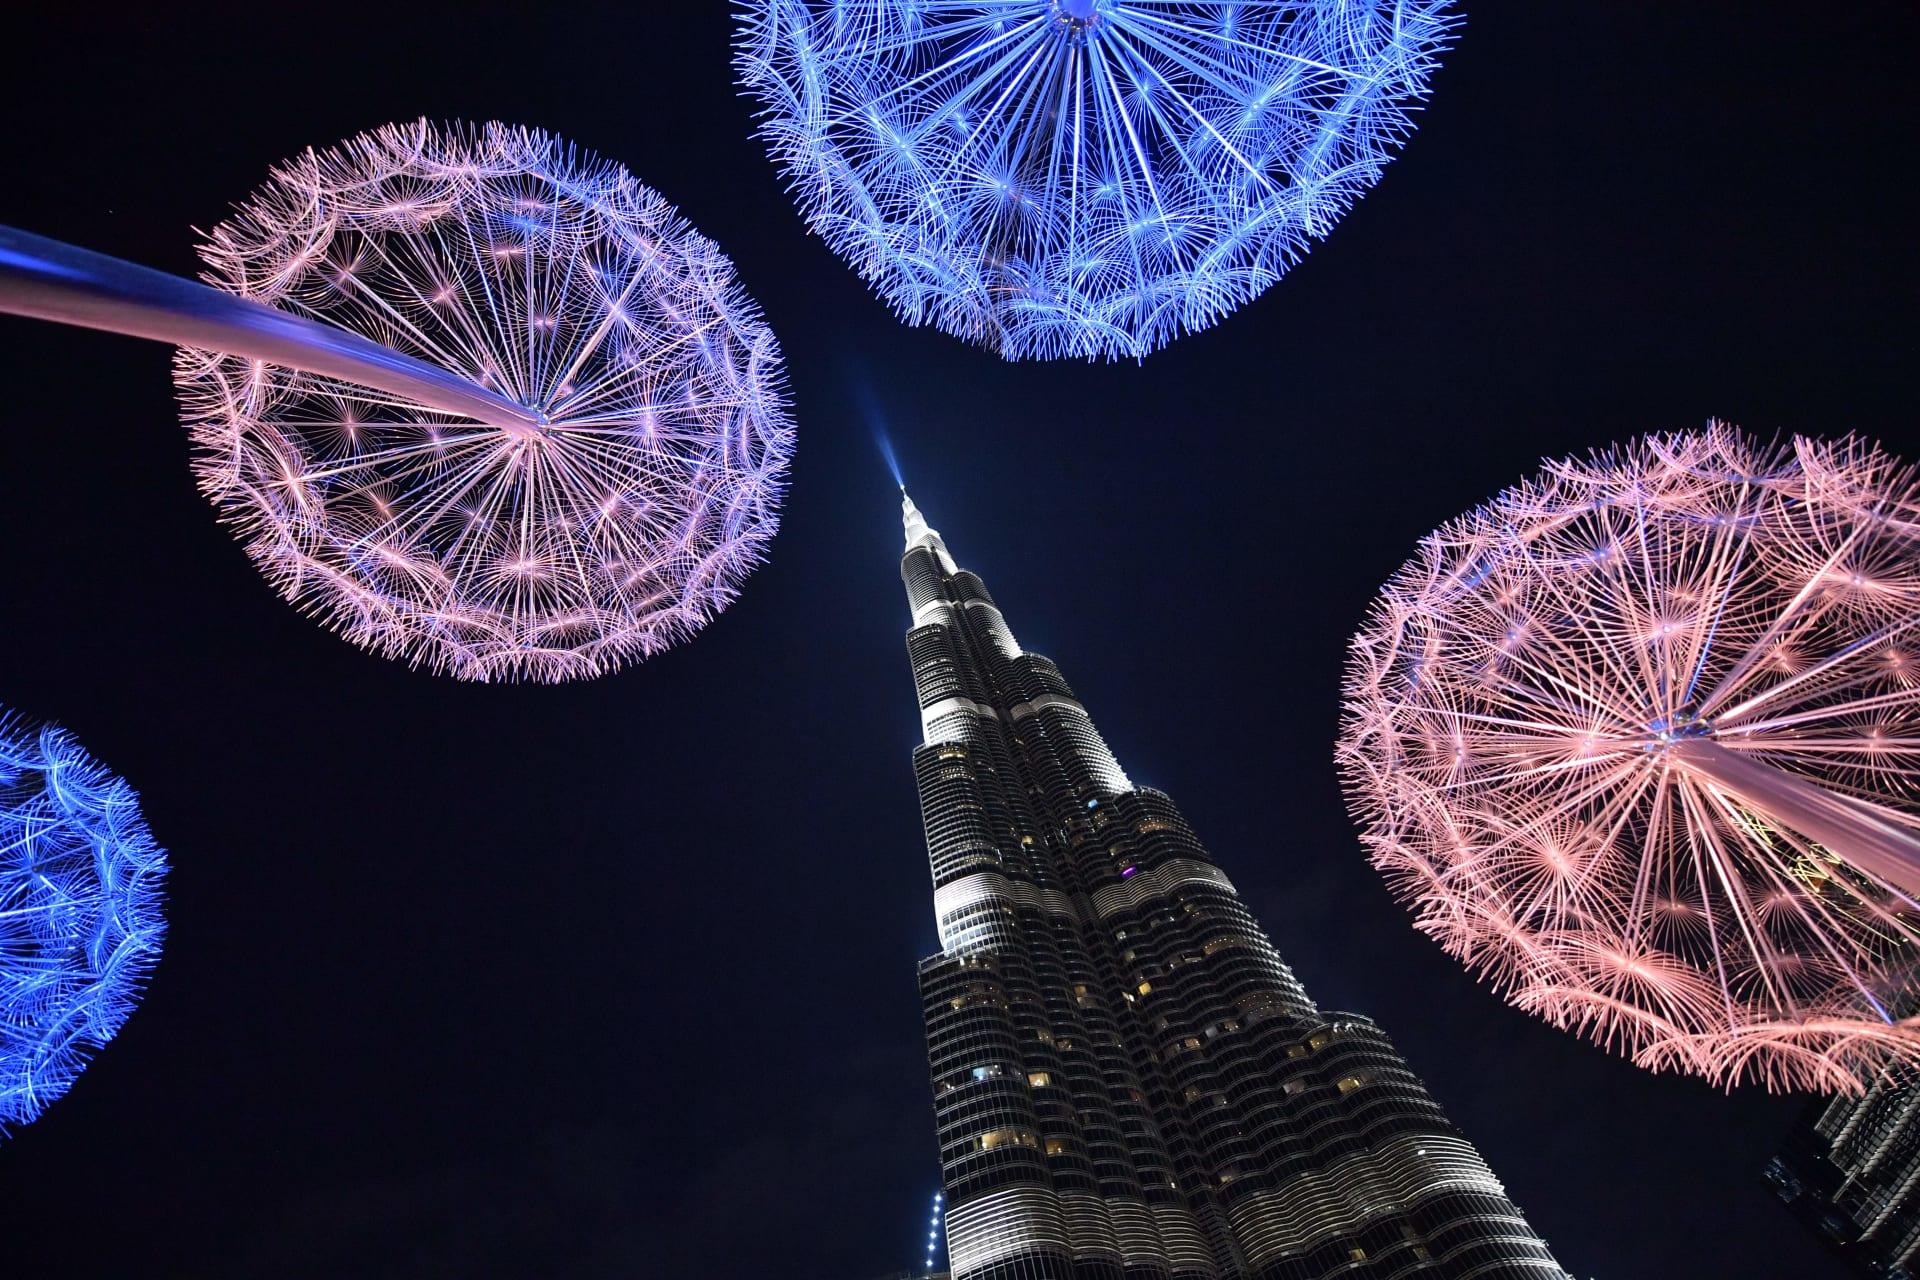 دبي تصبح جزءاً من رحلة كلفتها 147 ألف دولار.. ما تفاصيلها؟